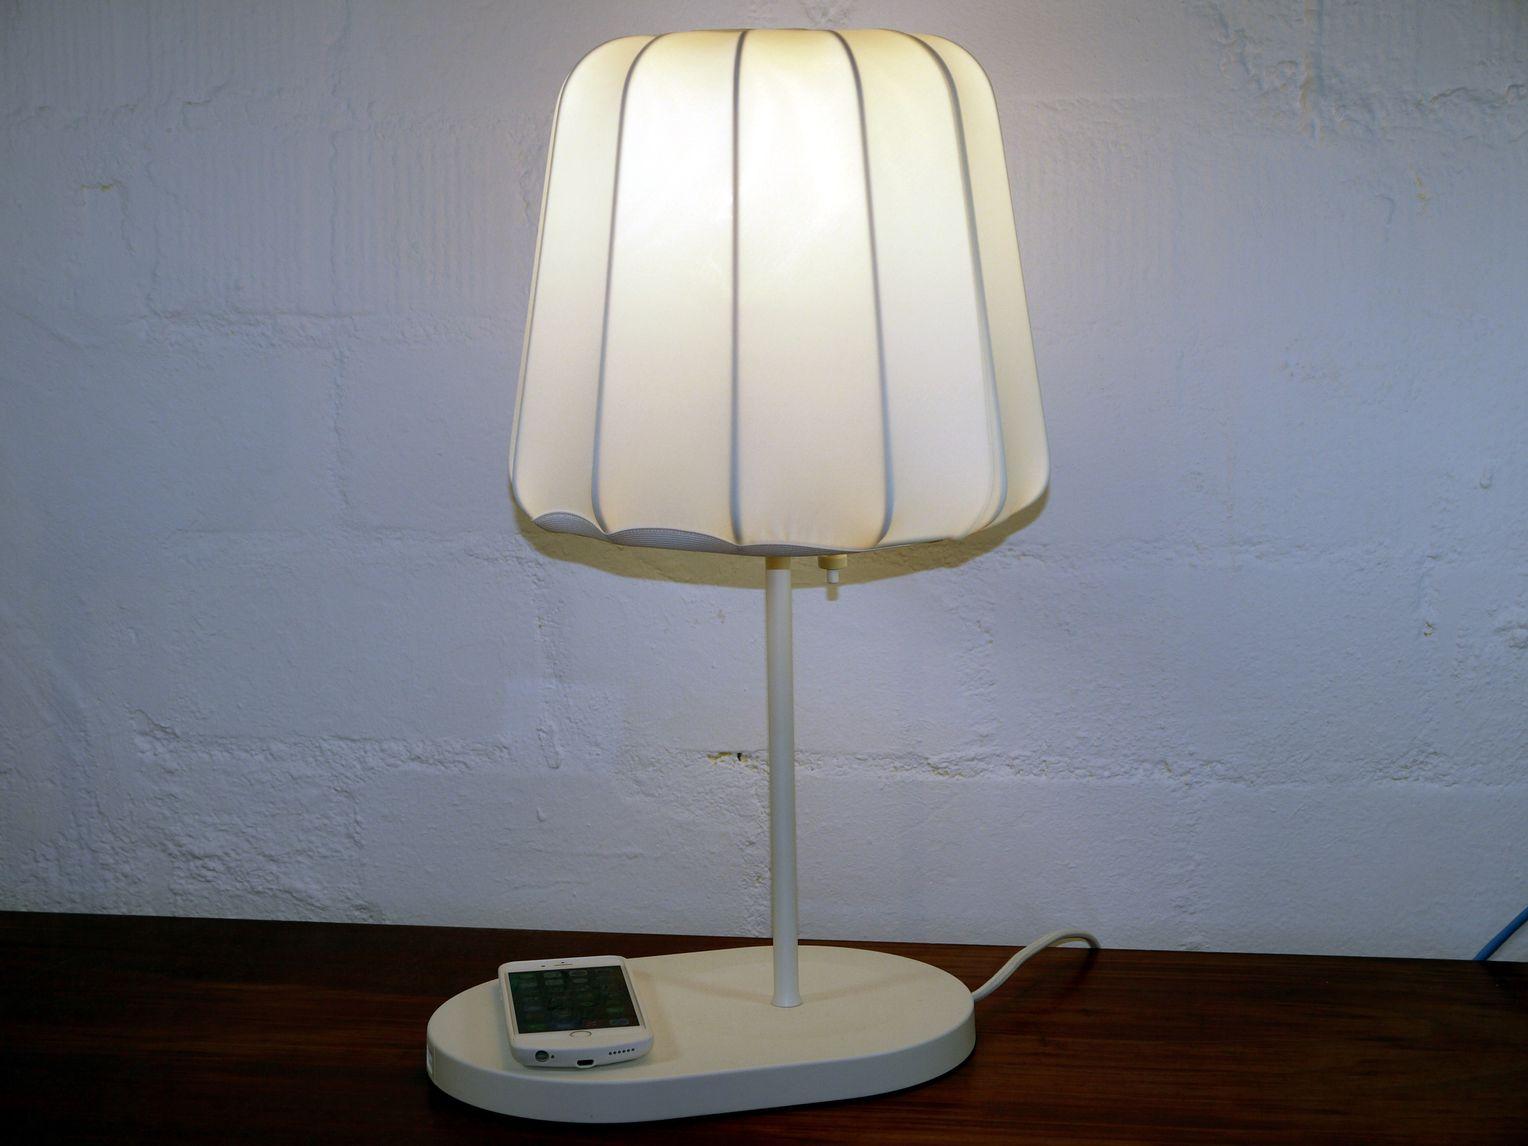 IKEA FÖRNYAD Arbeitsleuchte Lampe Schreibtischlampe Knopf Handy Ladefunktion NEU